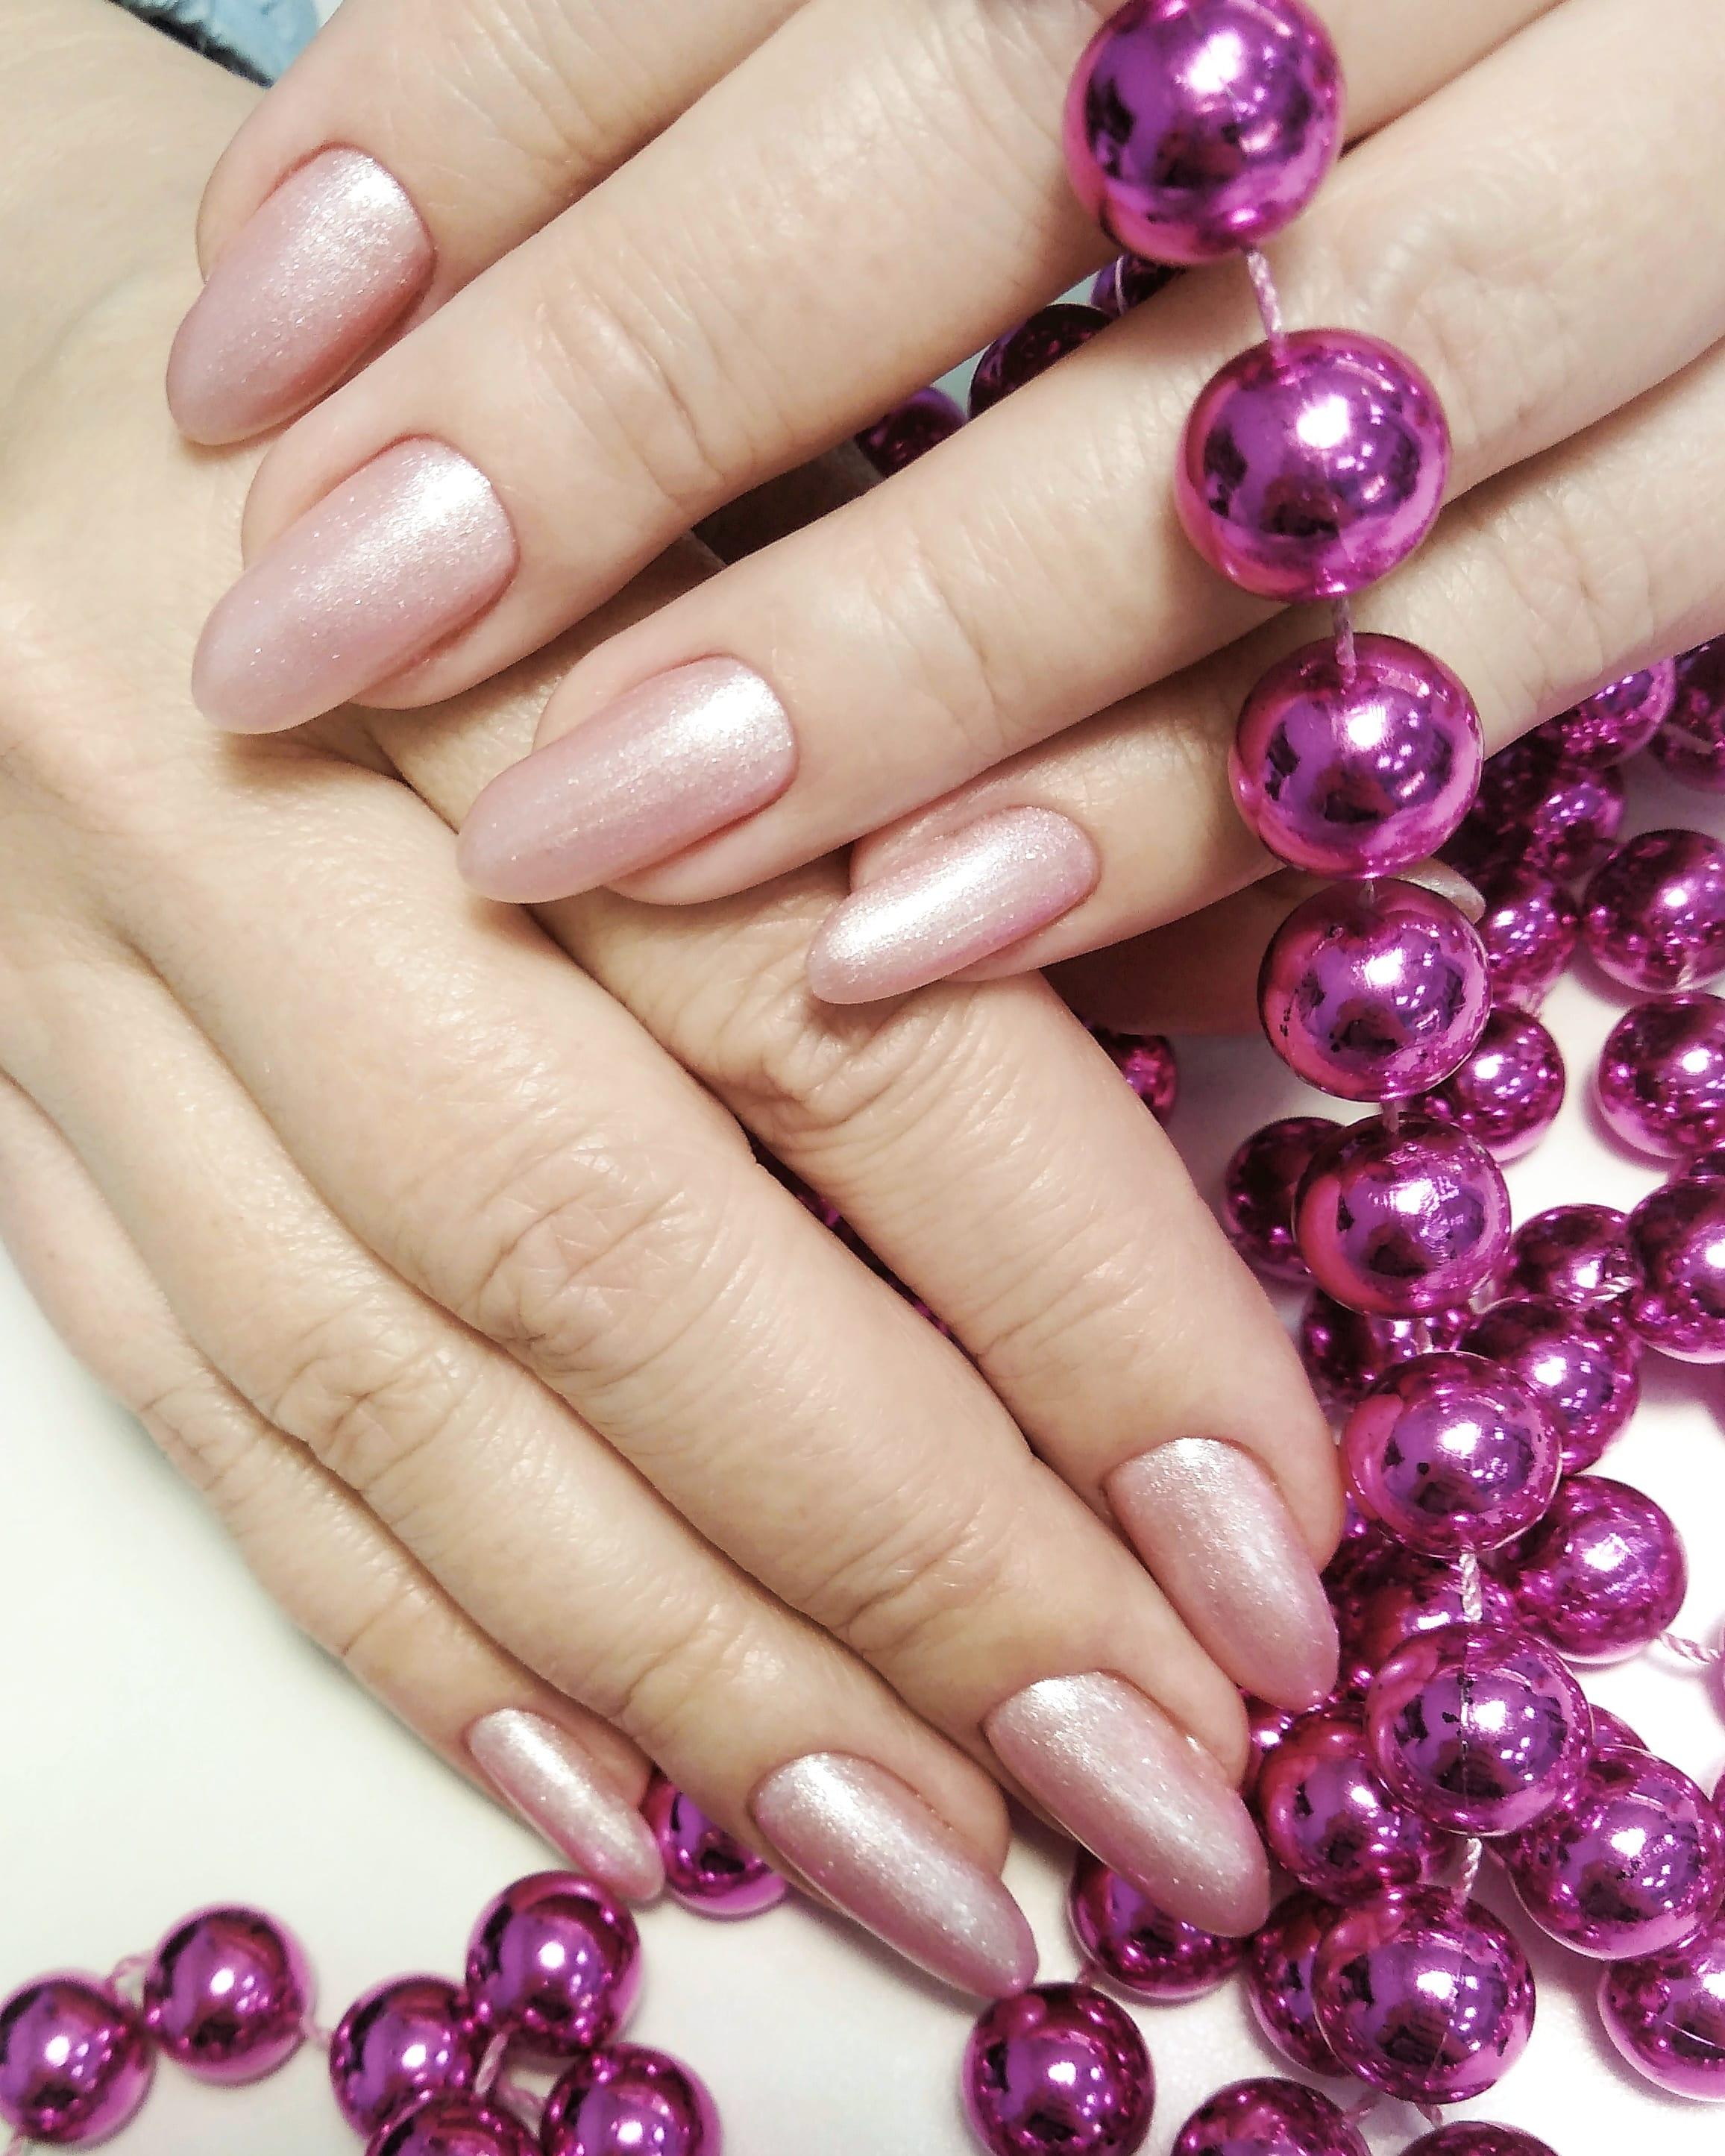 Маникюр с блестками в розовом цвете на длинные ногти.